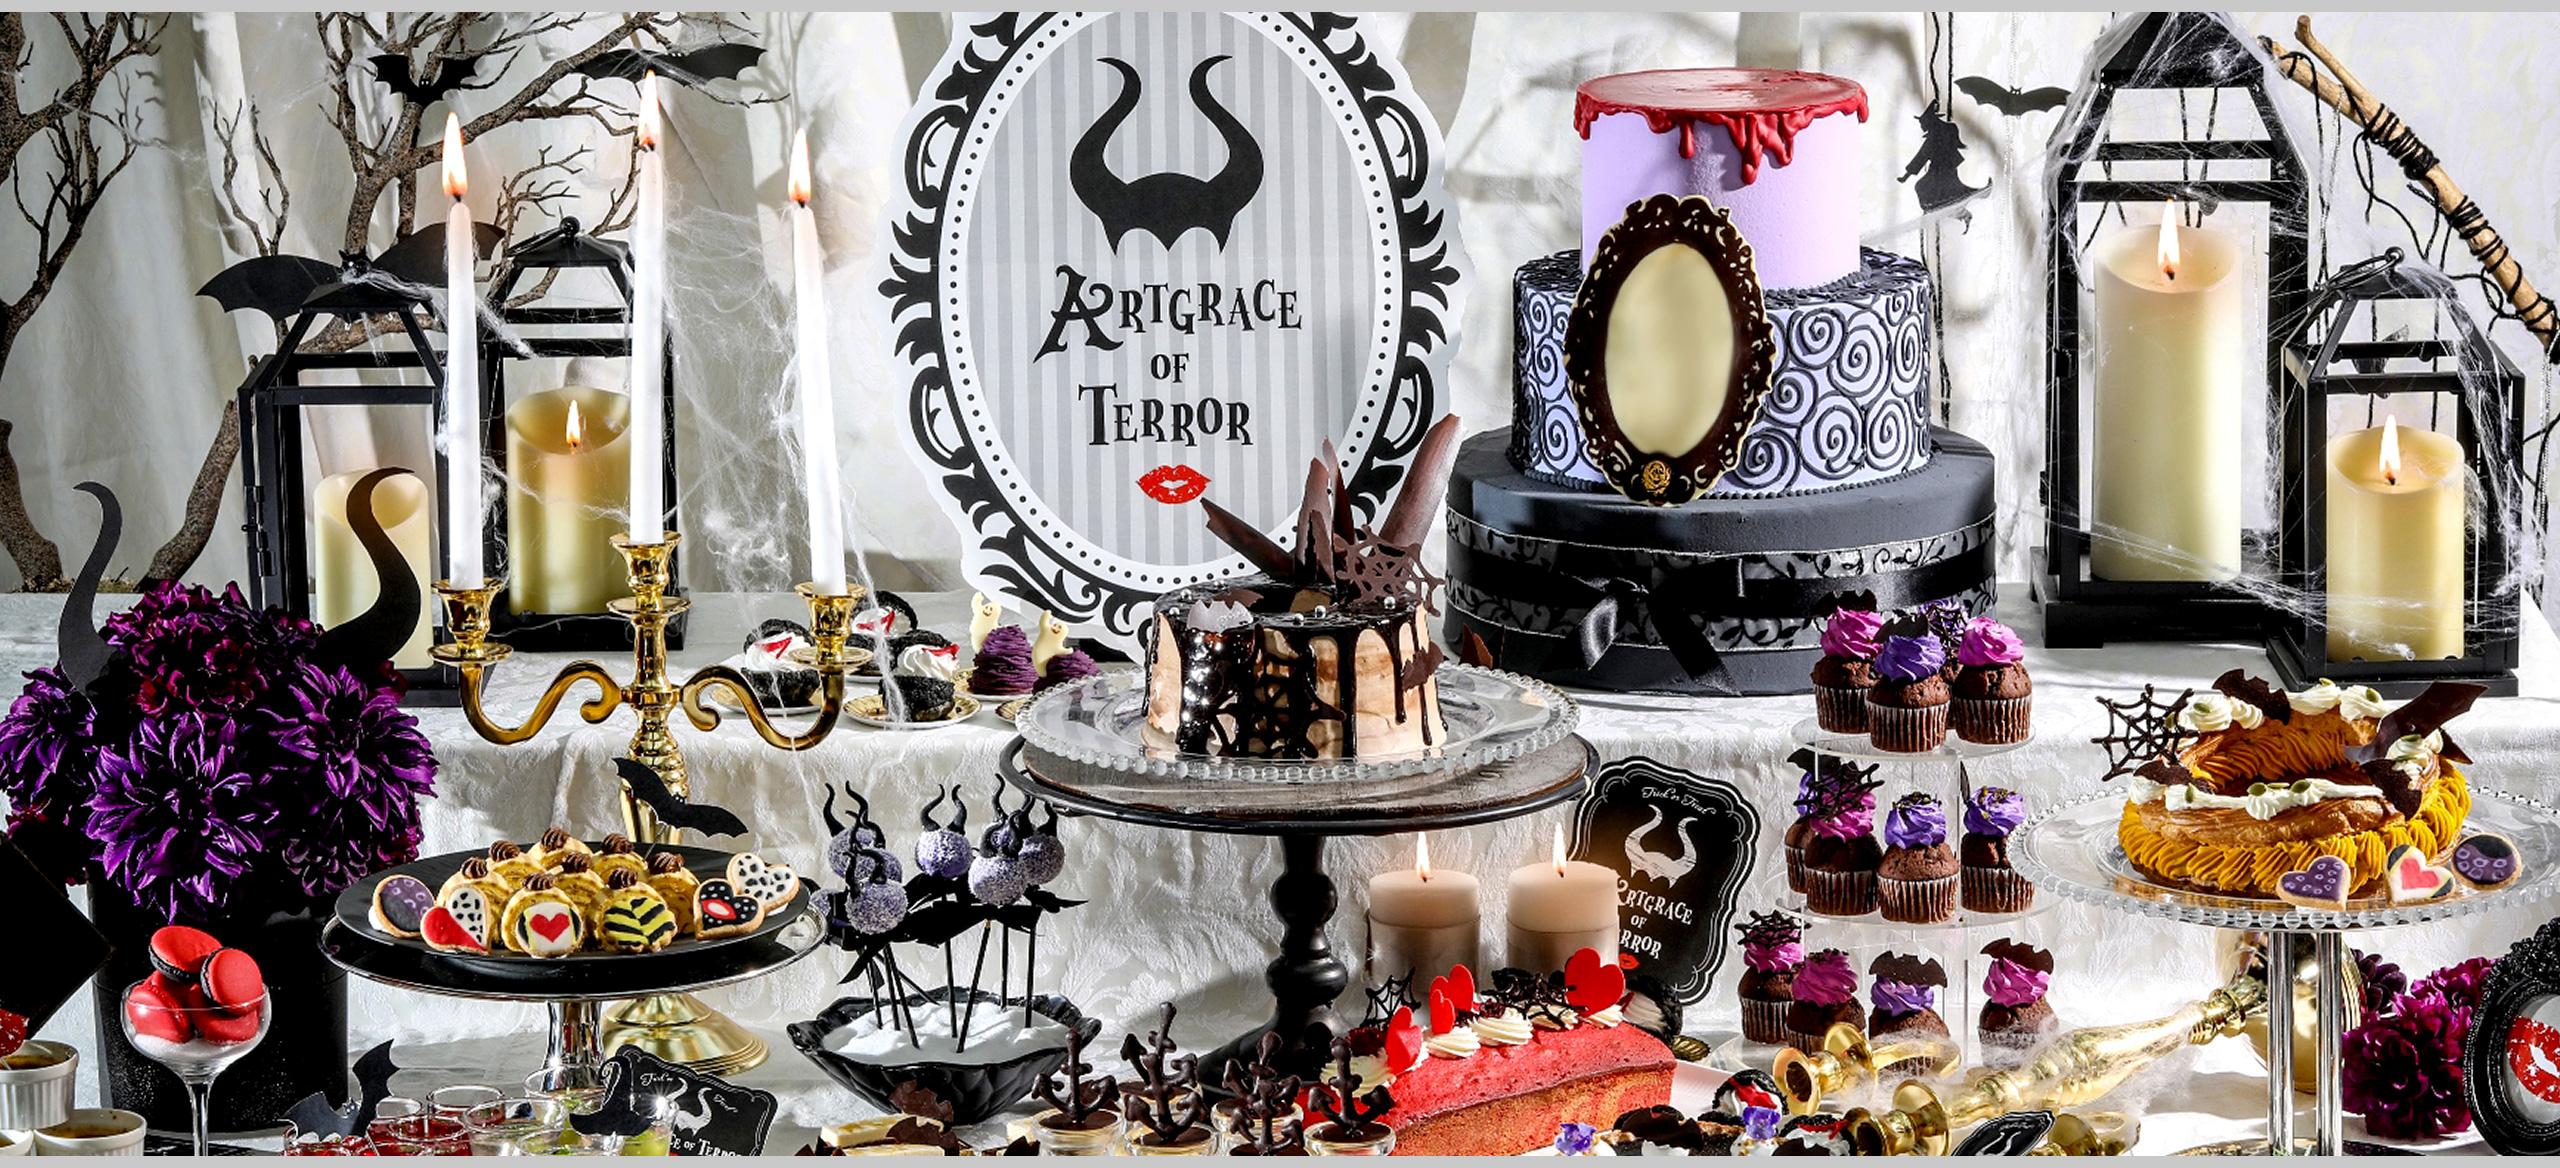 悪戯ヴィランズたちのデザートタイム ~Artgrace Of Terror~ | アートグレイス ウエディングシャトー